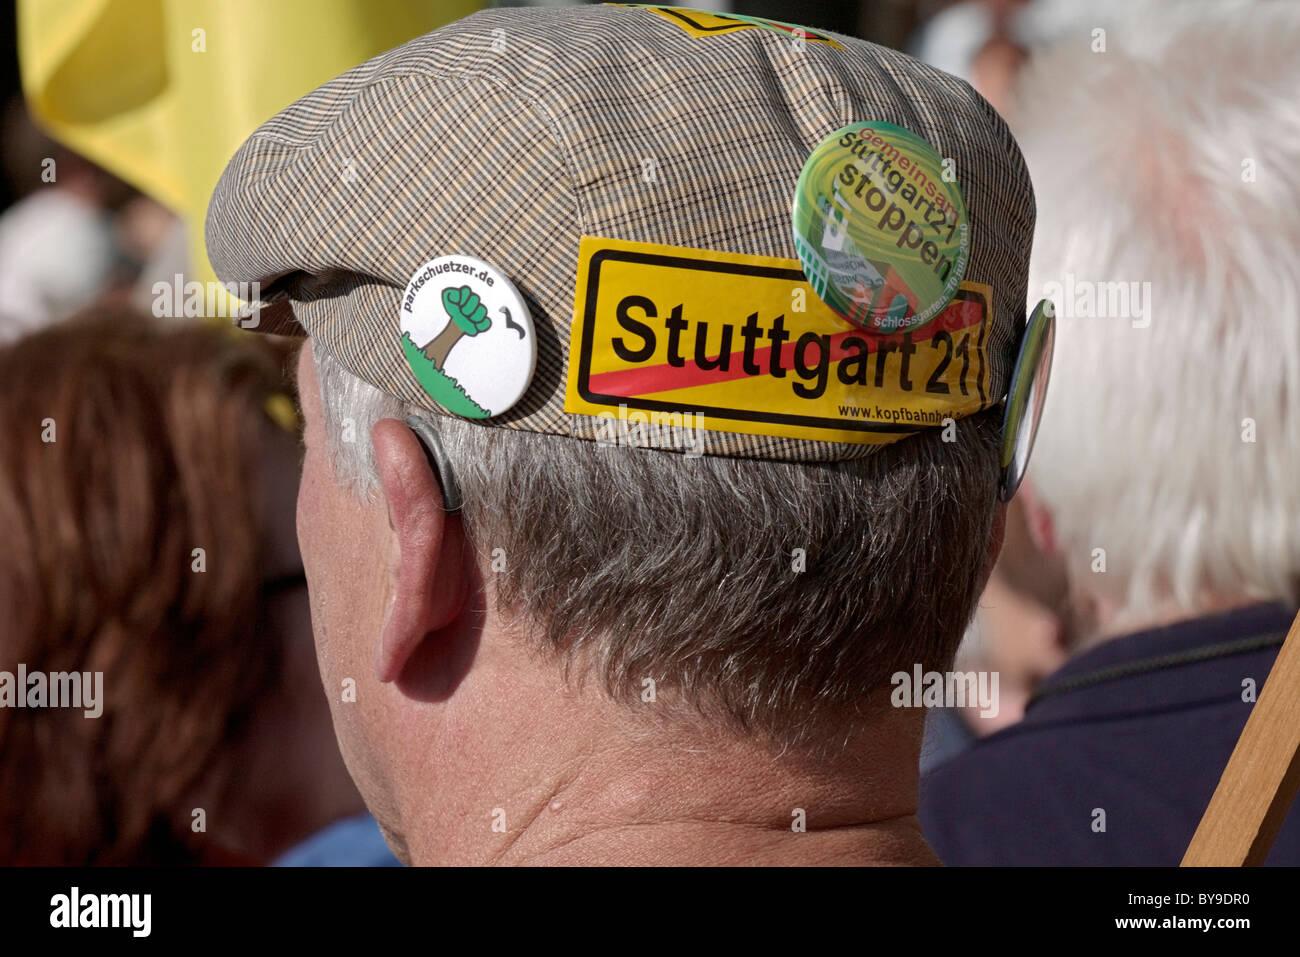 Demonstrant mit Buttons und Aufkleber gegen Stuttgart 21, die geplante Senkung des Hauptbahnhofs in Stockbild